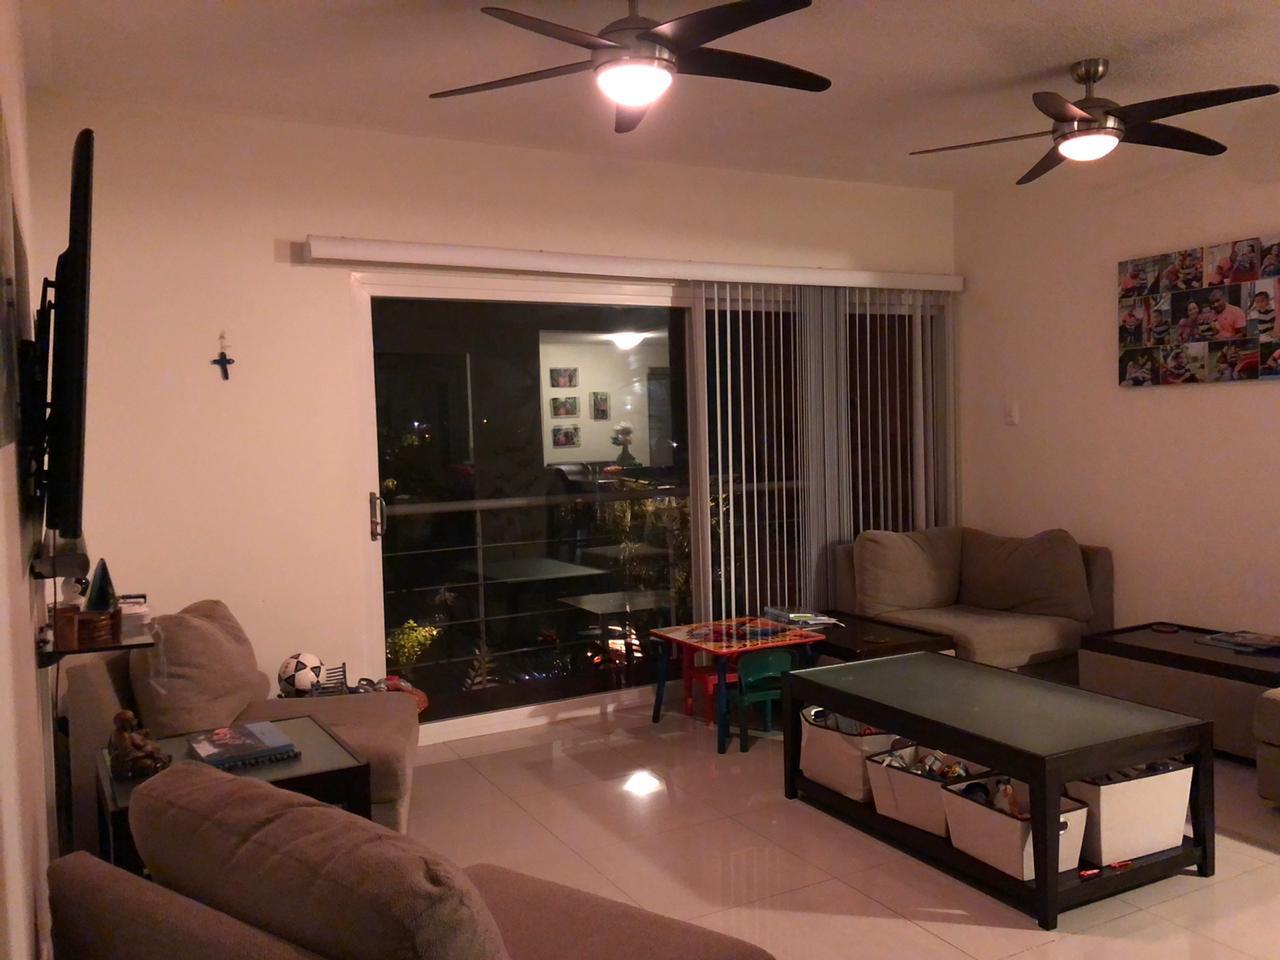 WESTHILLS, DIEGO MARTIN, Bldg 3, 4th Floor : 3 bedroom For Rent $8000